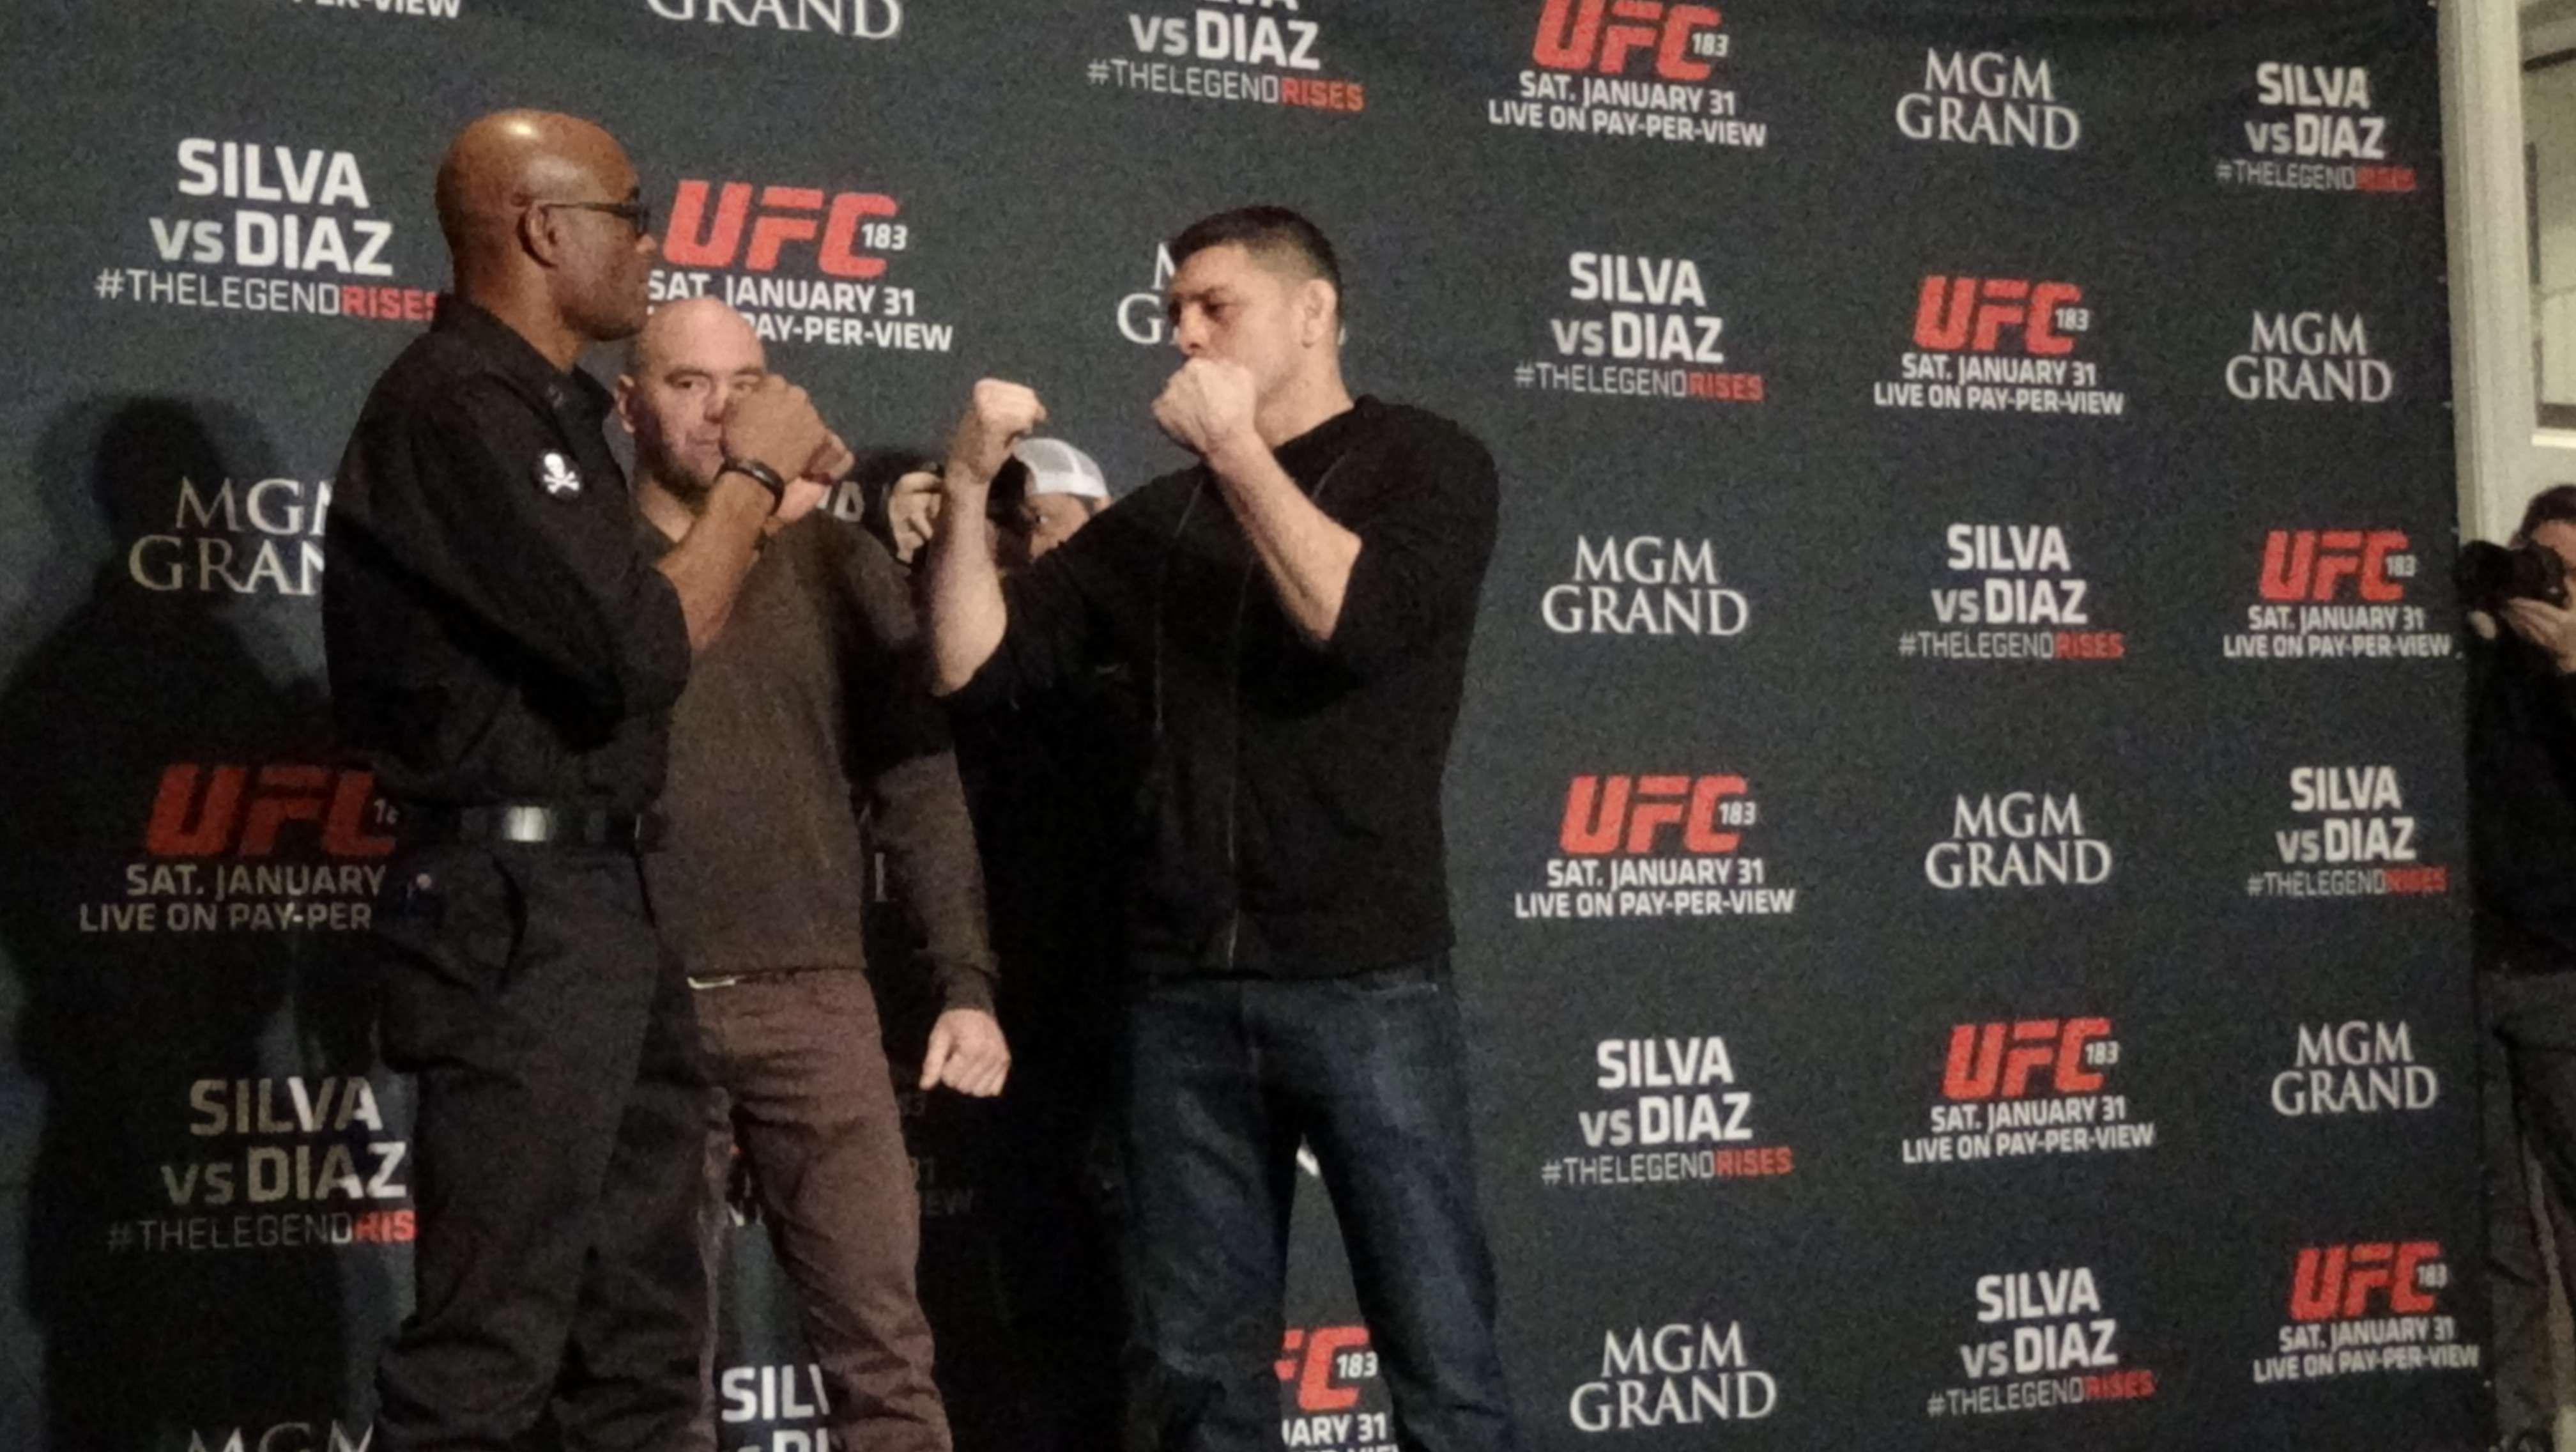 Lutadores se enfrentam neste sábado pelo UFC 183, no MGM, em Las Vegas Foto: Guilherme Dorini/Terra